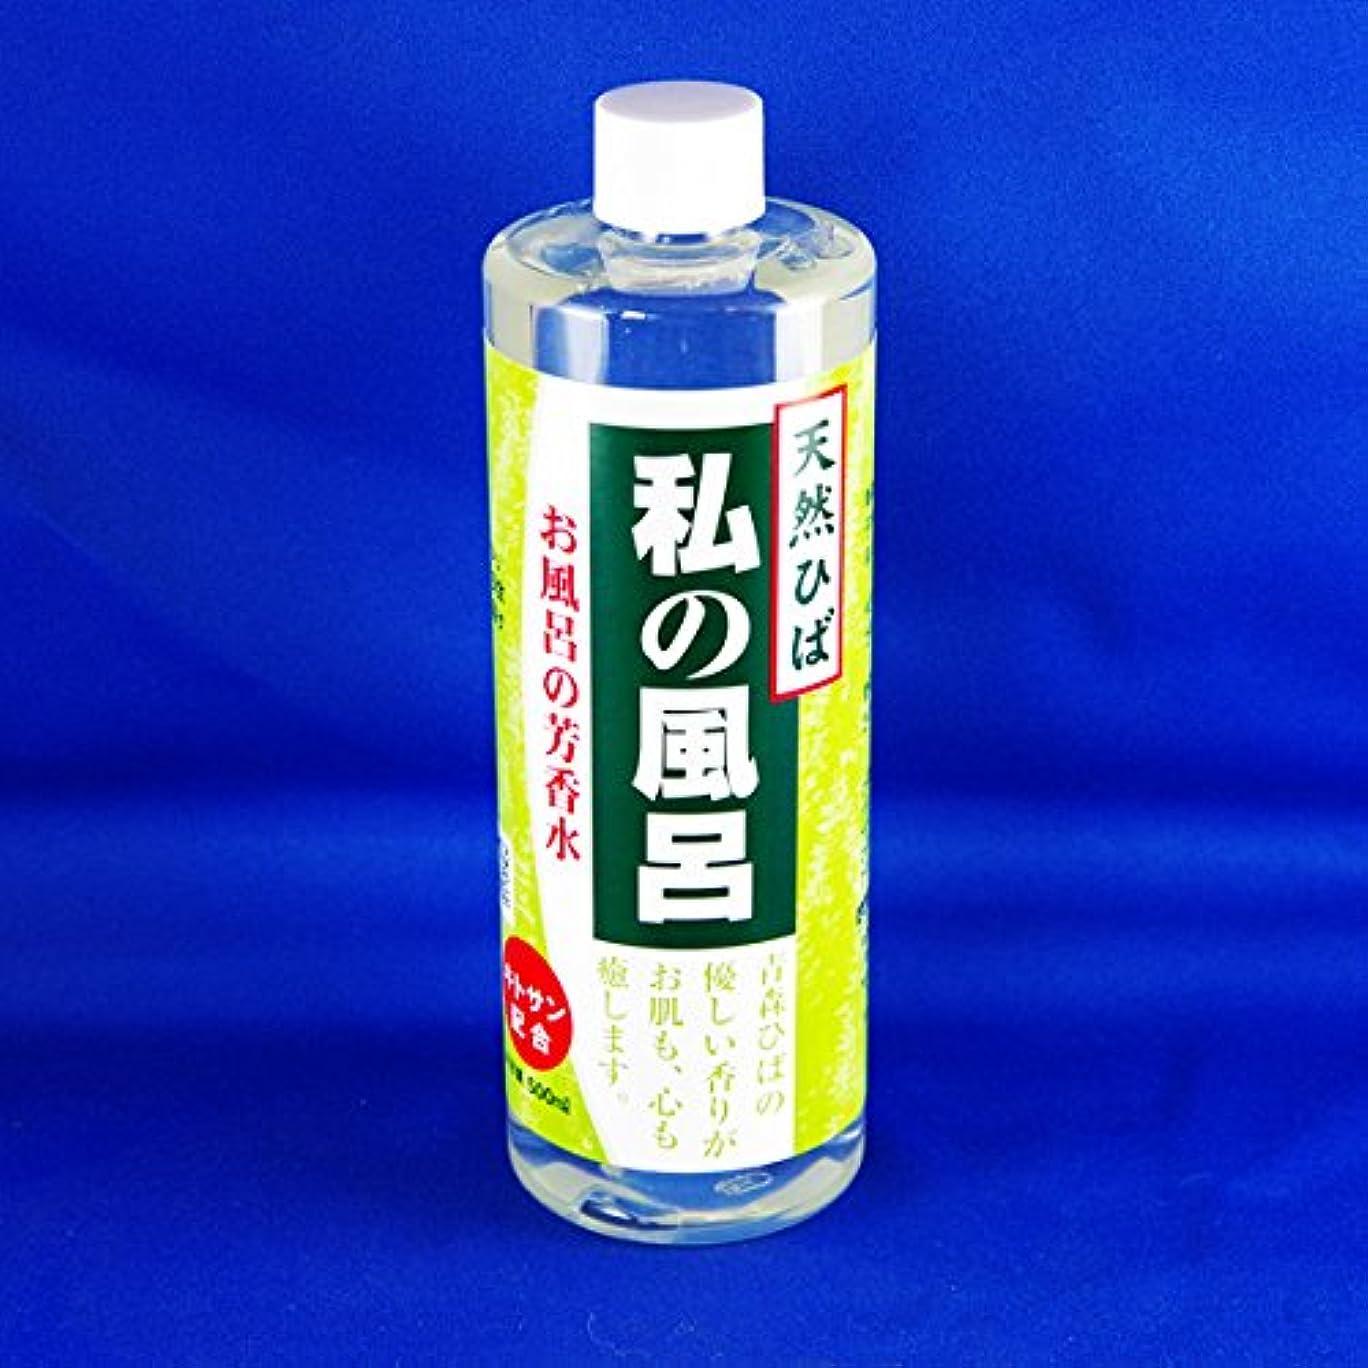 バックアッププレミア万一に備えて【入浴剤】青森ひば 私の風呂 500ml(高分子キトサン配合)